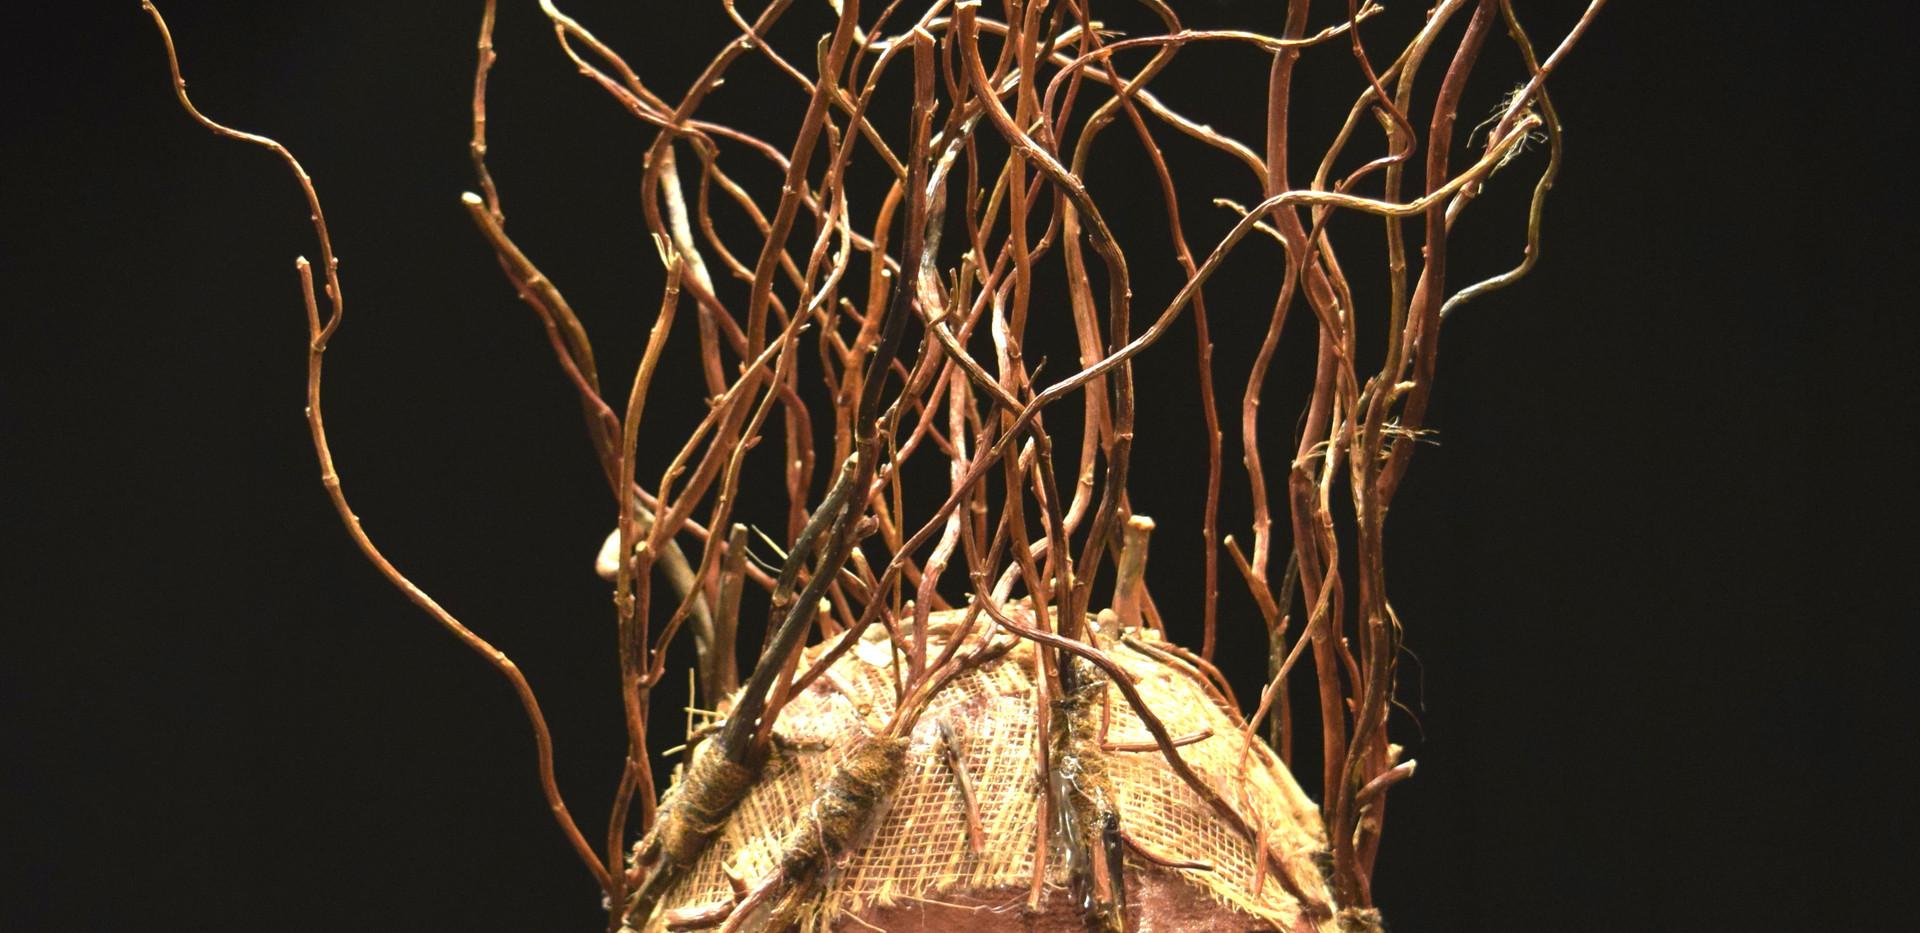 Islands Tree Women headpiece